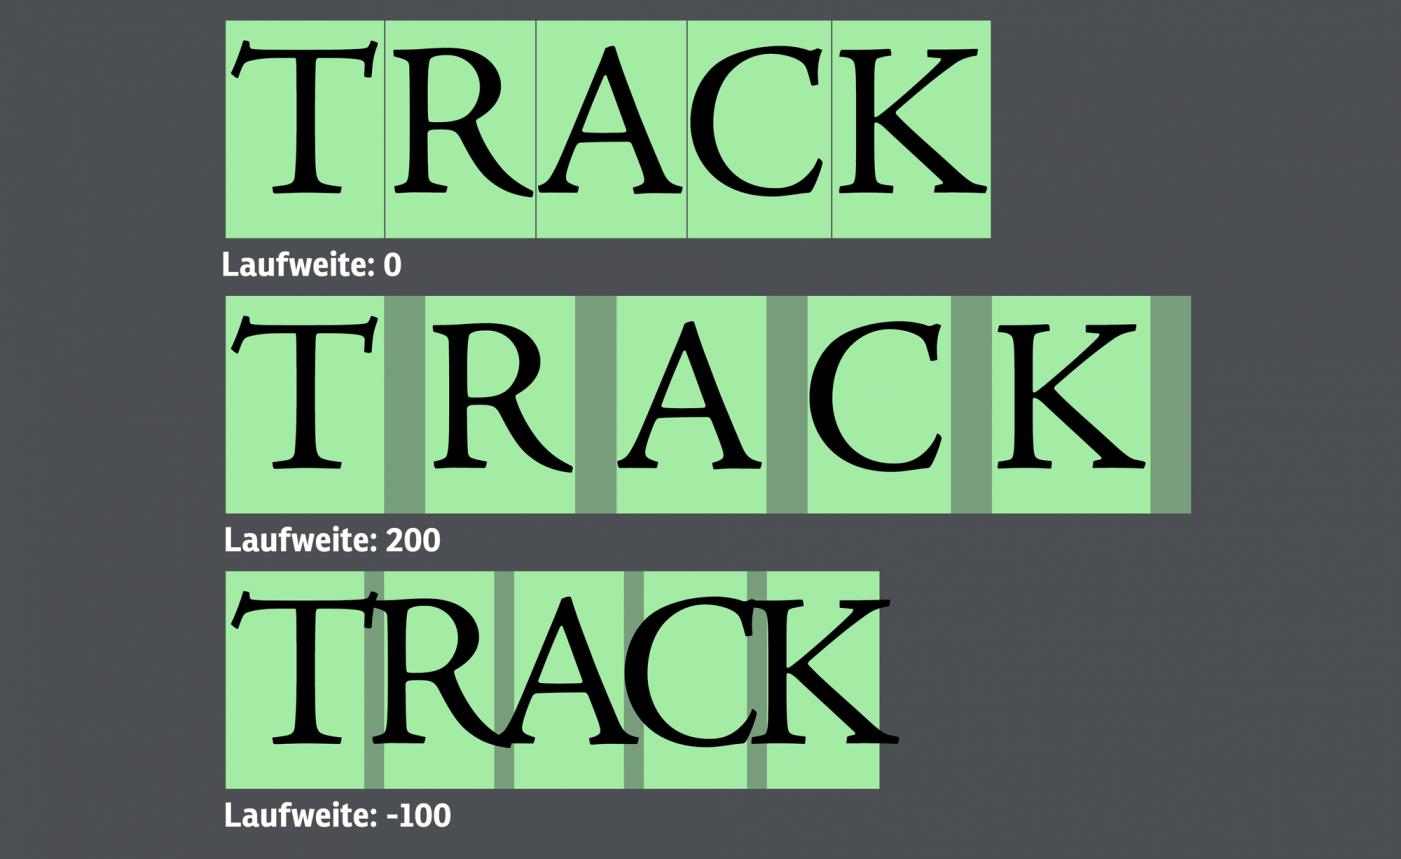 de-tracking-comparison.png